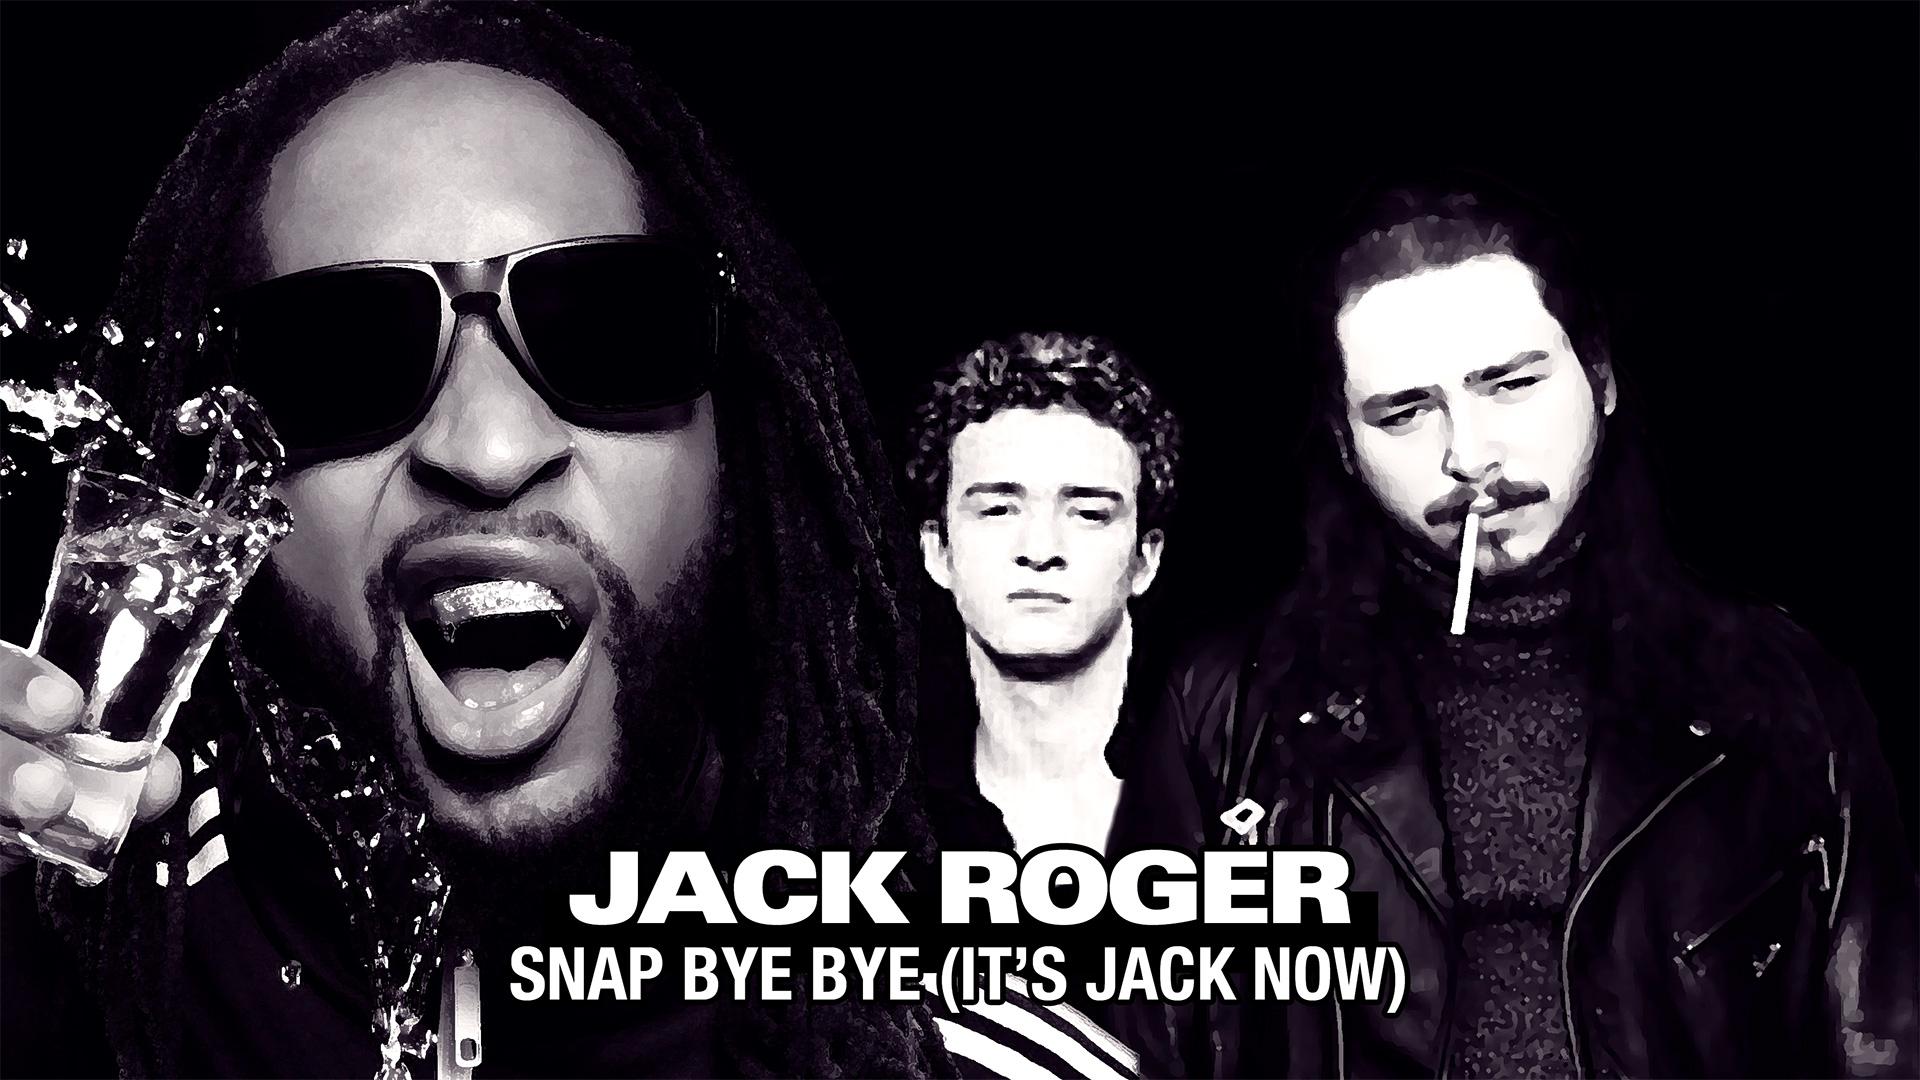 10-Snap-Bye-Bye-It's-Jack-Now-widescreen